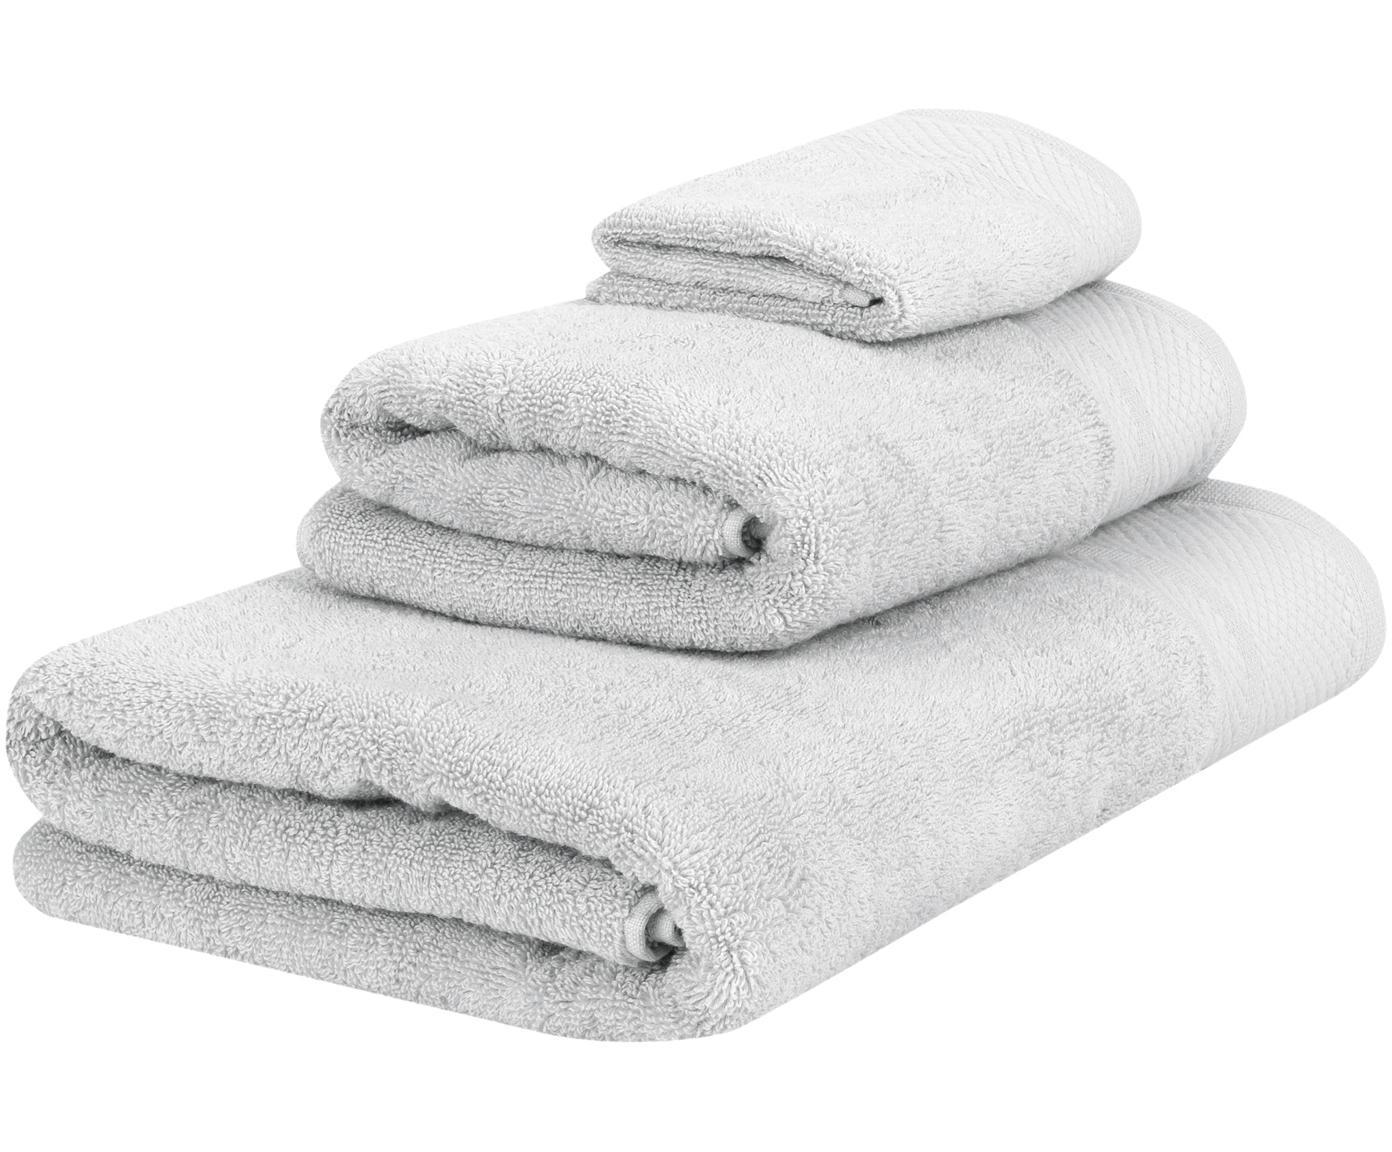 Handtuch-Set Premium mit klassischer Zierbordüre, 3-tlg., Hellgrau, Sondergrößen